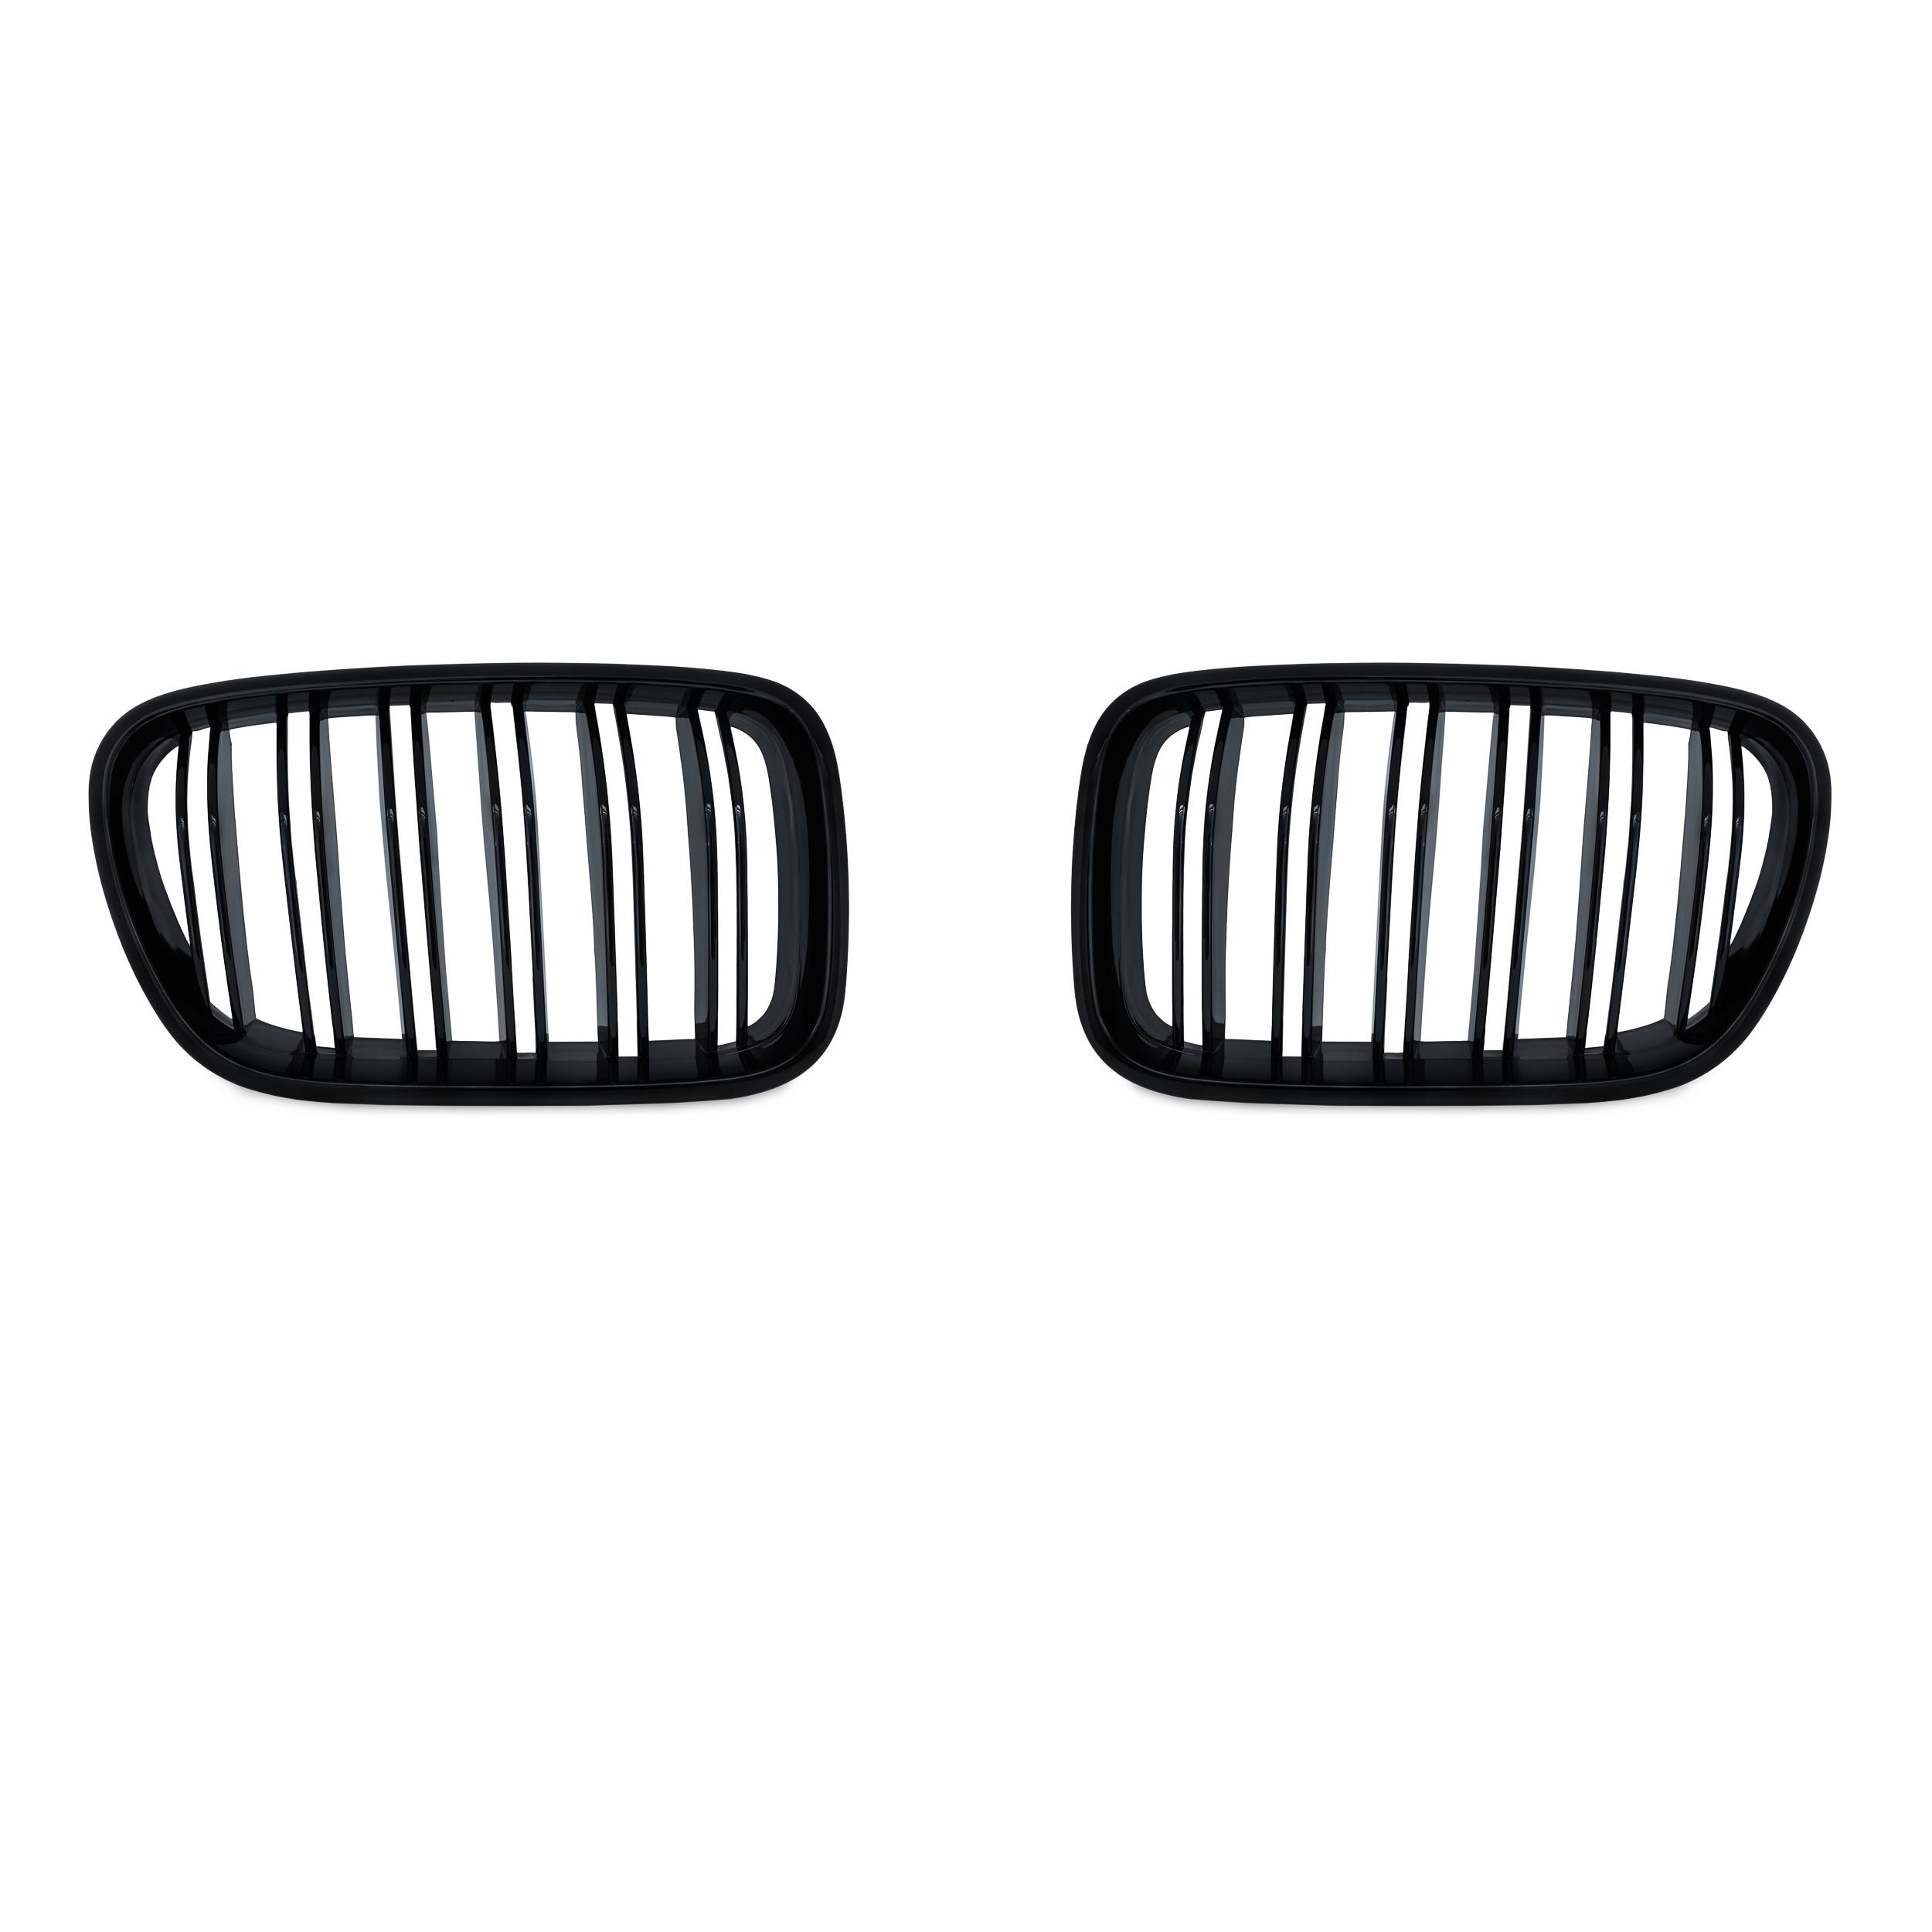 JOM Frontgrill med dobbelt ribbe i blank sort til BMW X3 F25 årgang 2010-2014 Styling